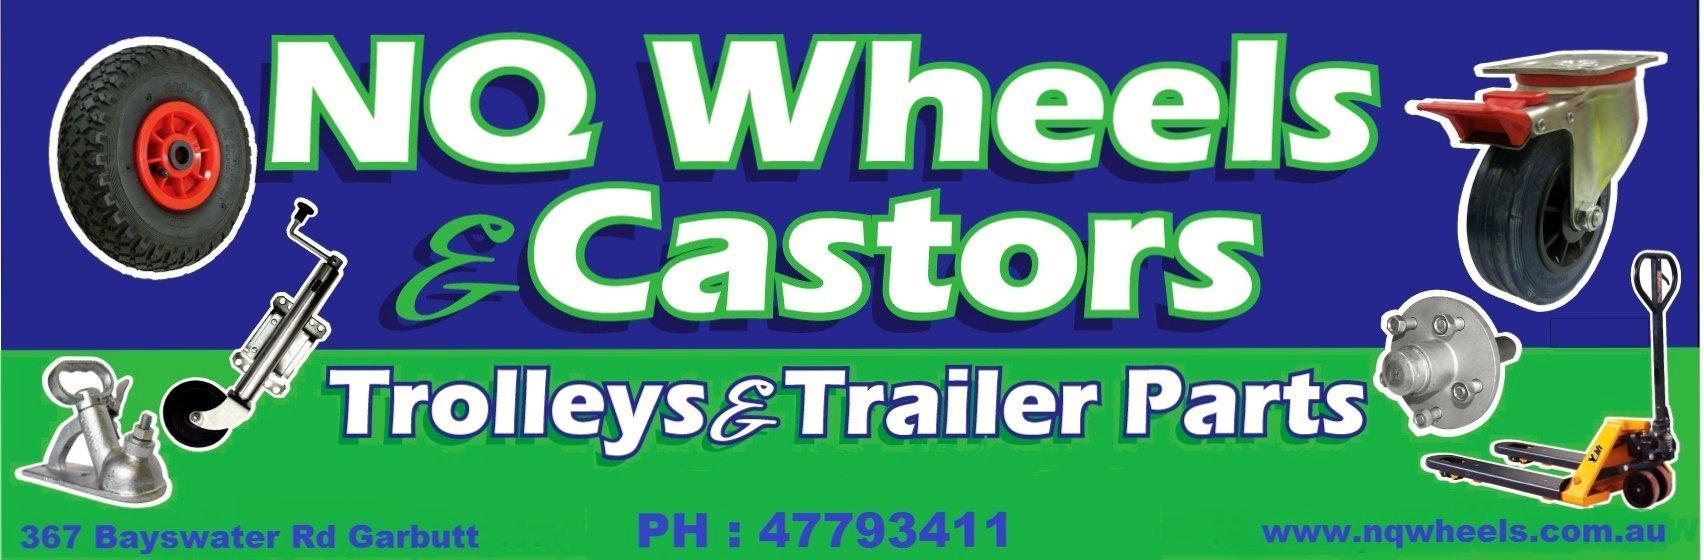 Nq wheels logo1